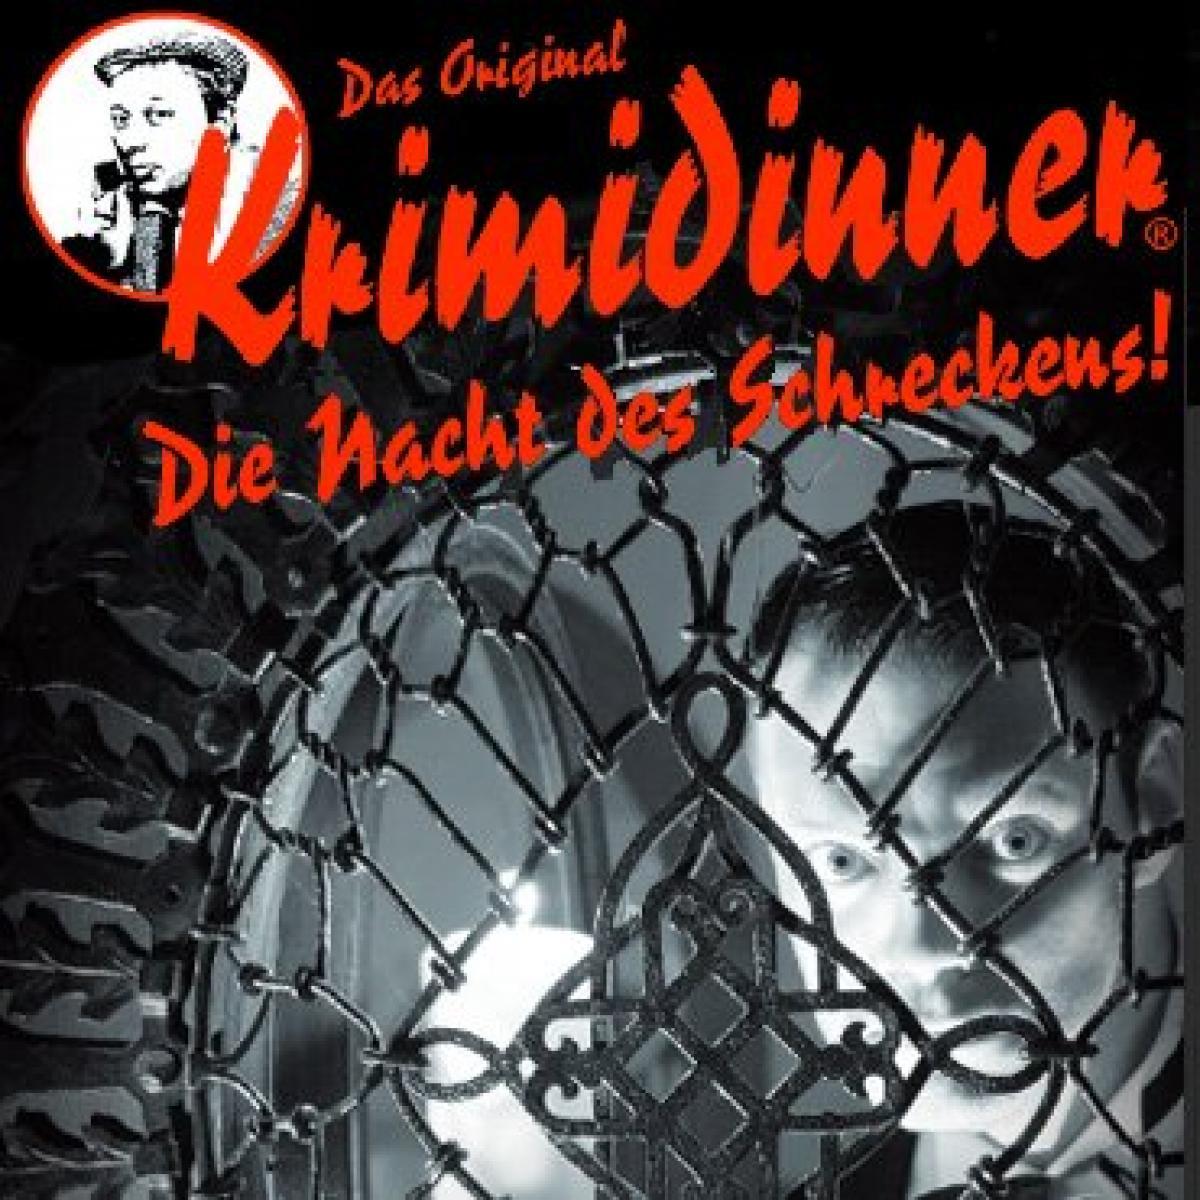 DasOriginalKRIMIDINNER_Foto_nach-des-schreckens_Webquadrat